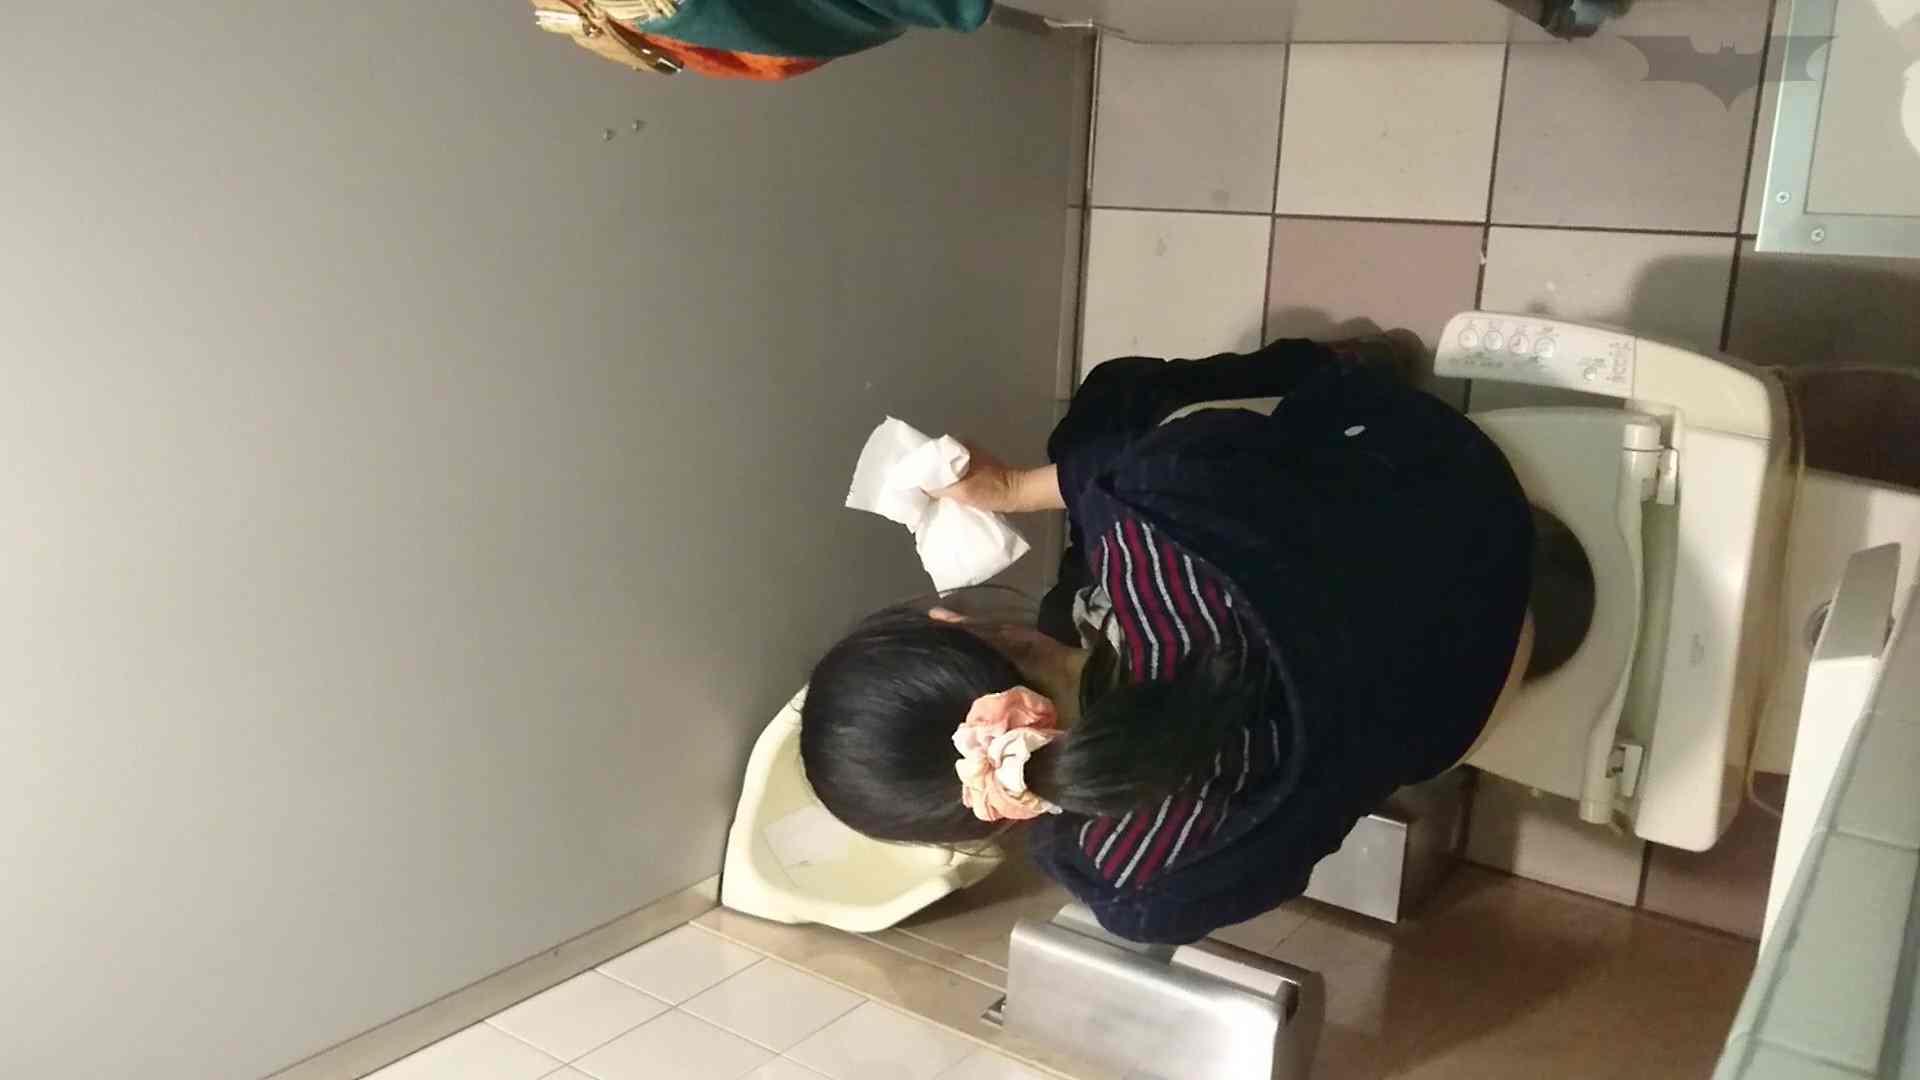 化粧室絵巻 ショッピングモール編 VOL.16 0 | HなOL  94pic 13